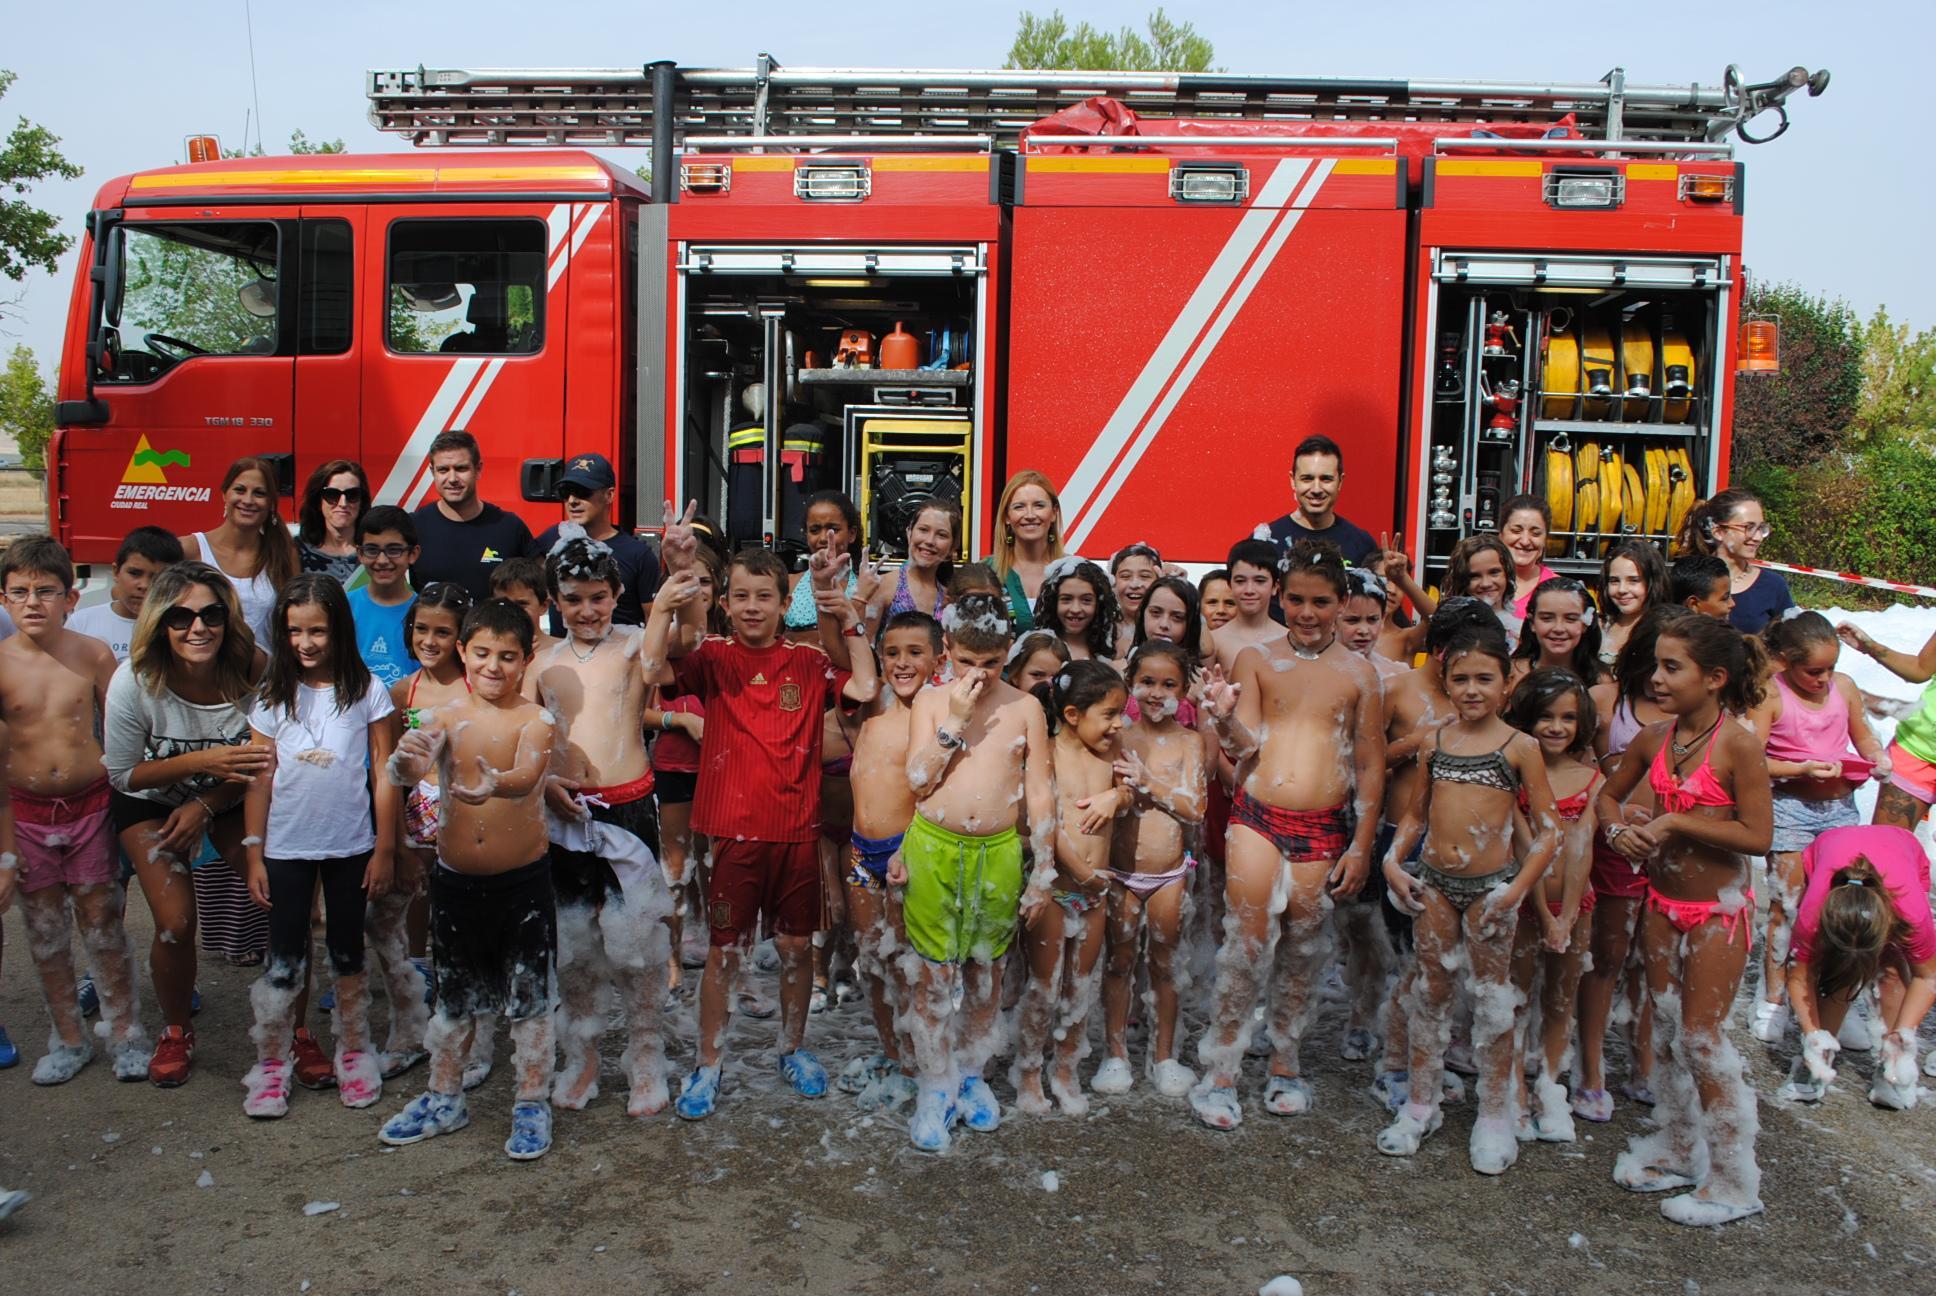 La Escuela de Verano Municipal concluyó con una divertida visita al parque de bomberos